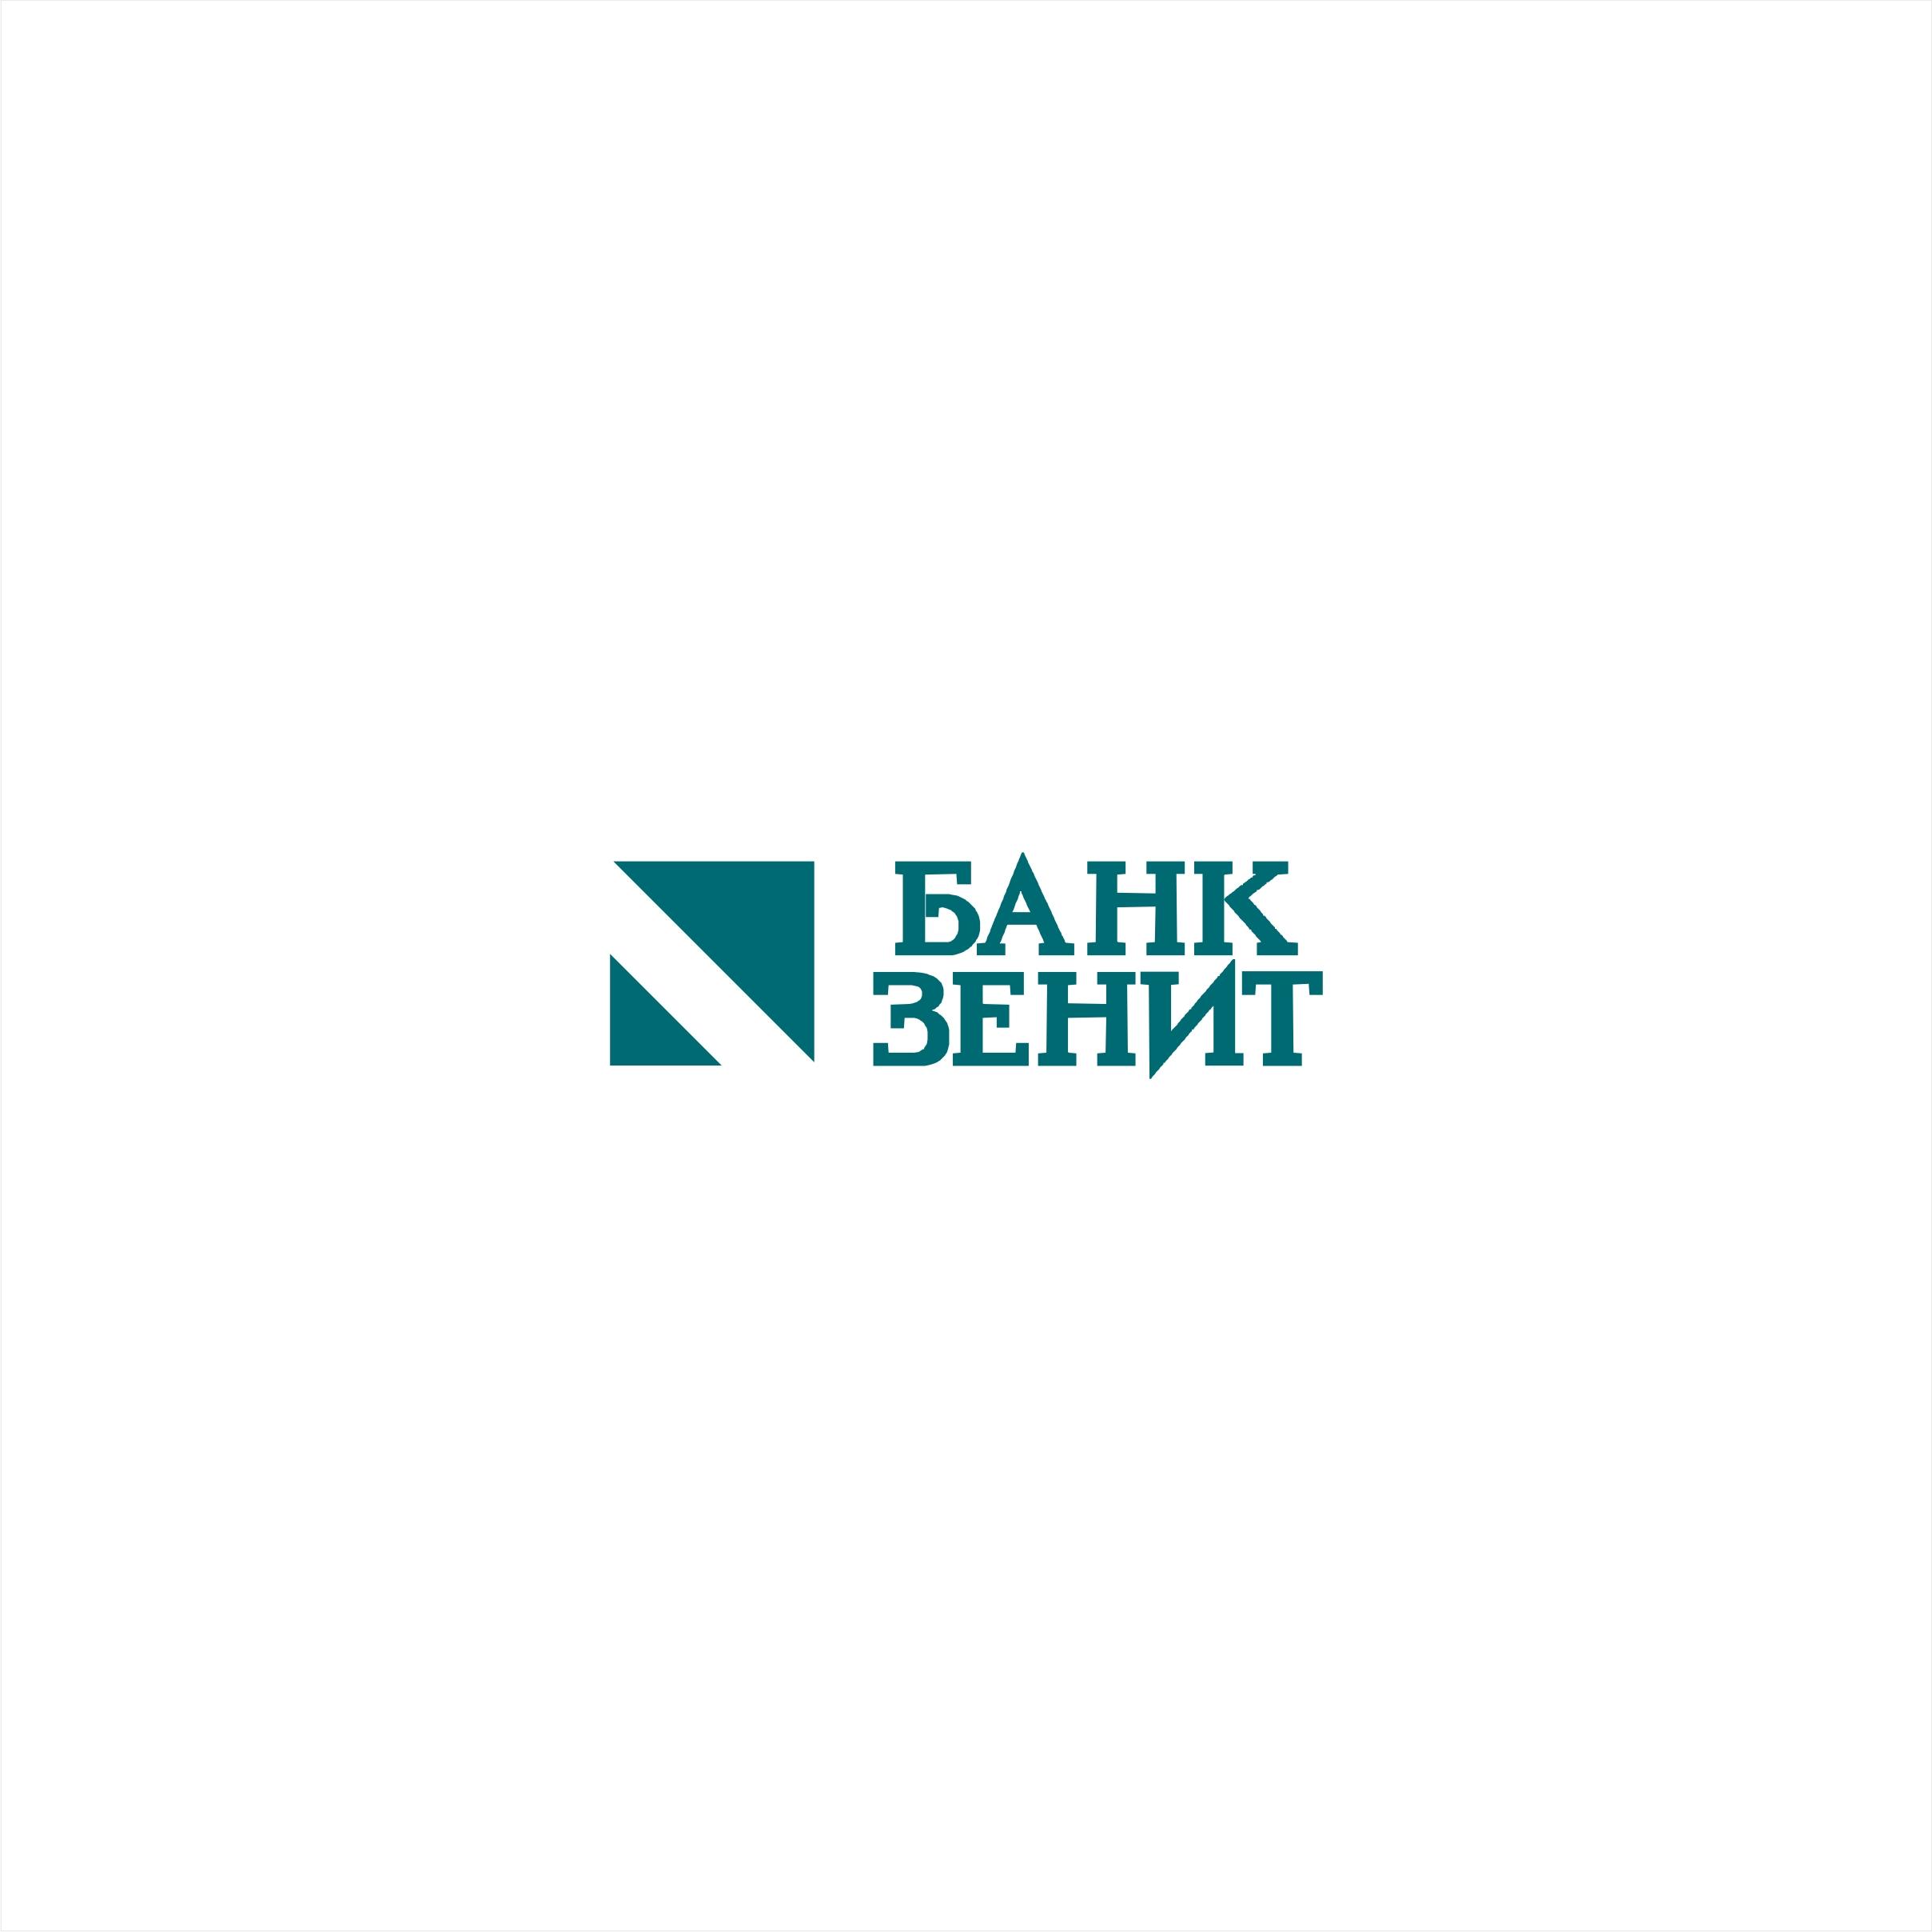 Разработка логотипа для Банка ЗЕНИТ фото f_2105b489e4fb36f1.jpg